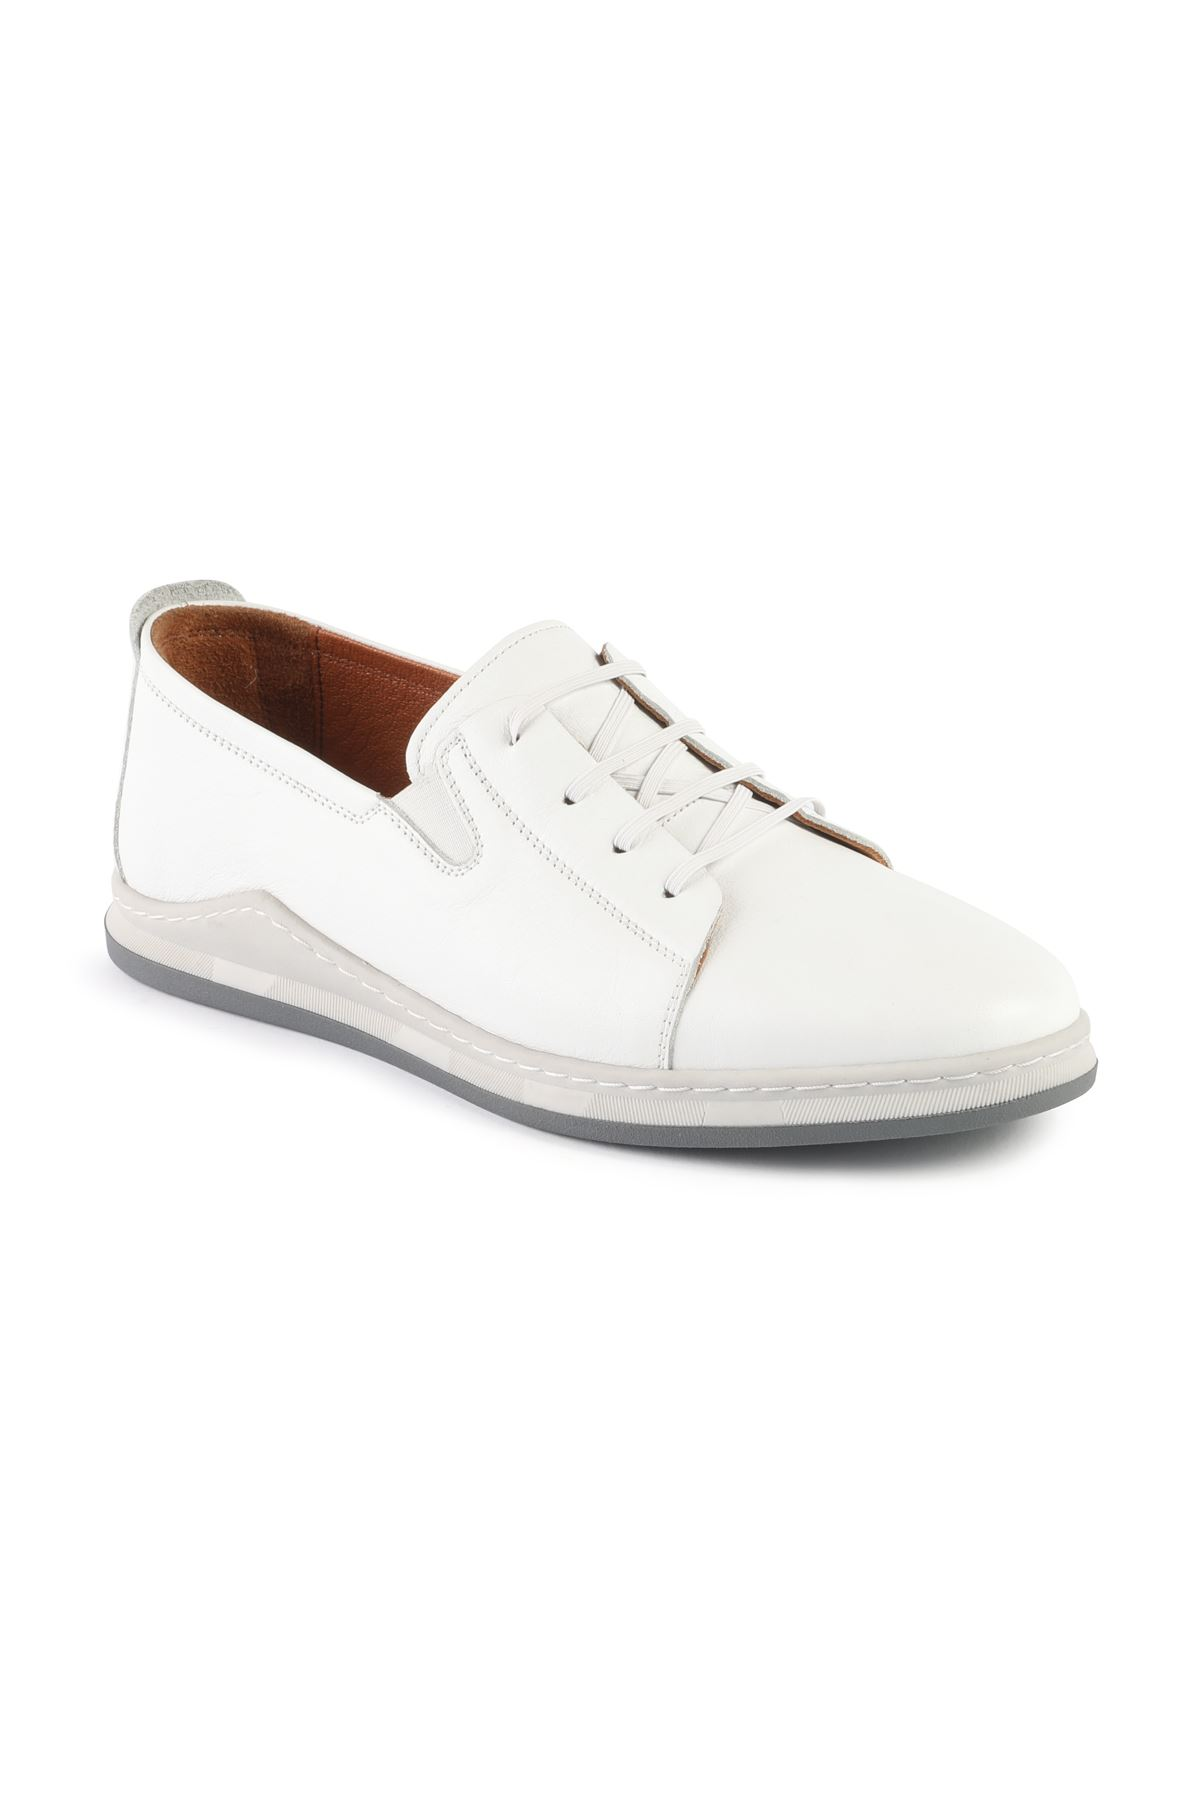 Libero T1274 Beyaz Günlük Casual Ayakkabı